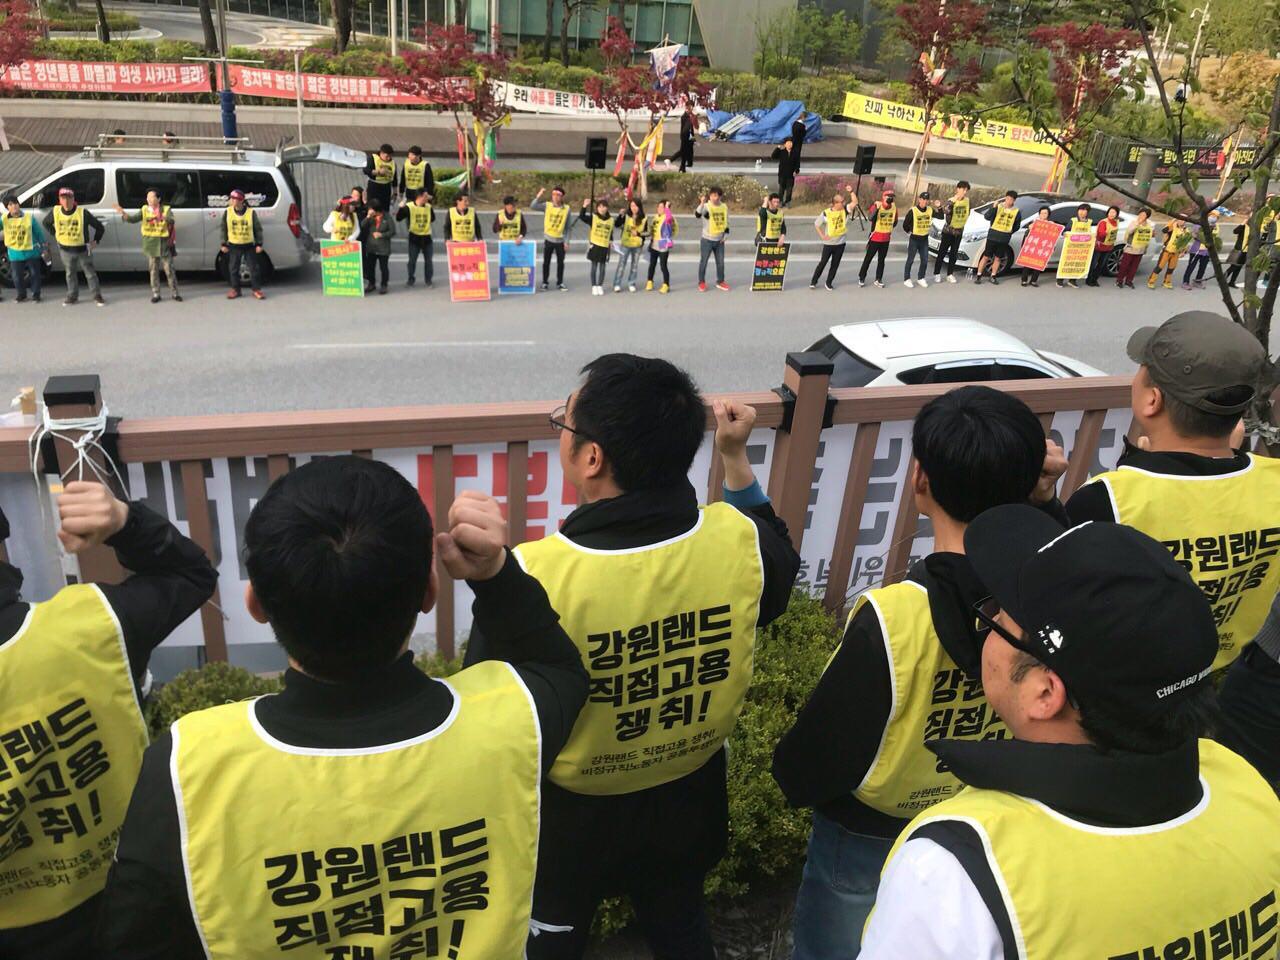 2 강원랜드 비정규직 동지들의 행정동 앞 집회 [출처 필자].jpg